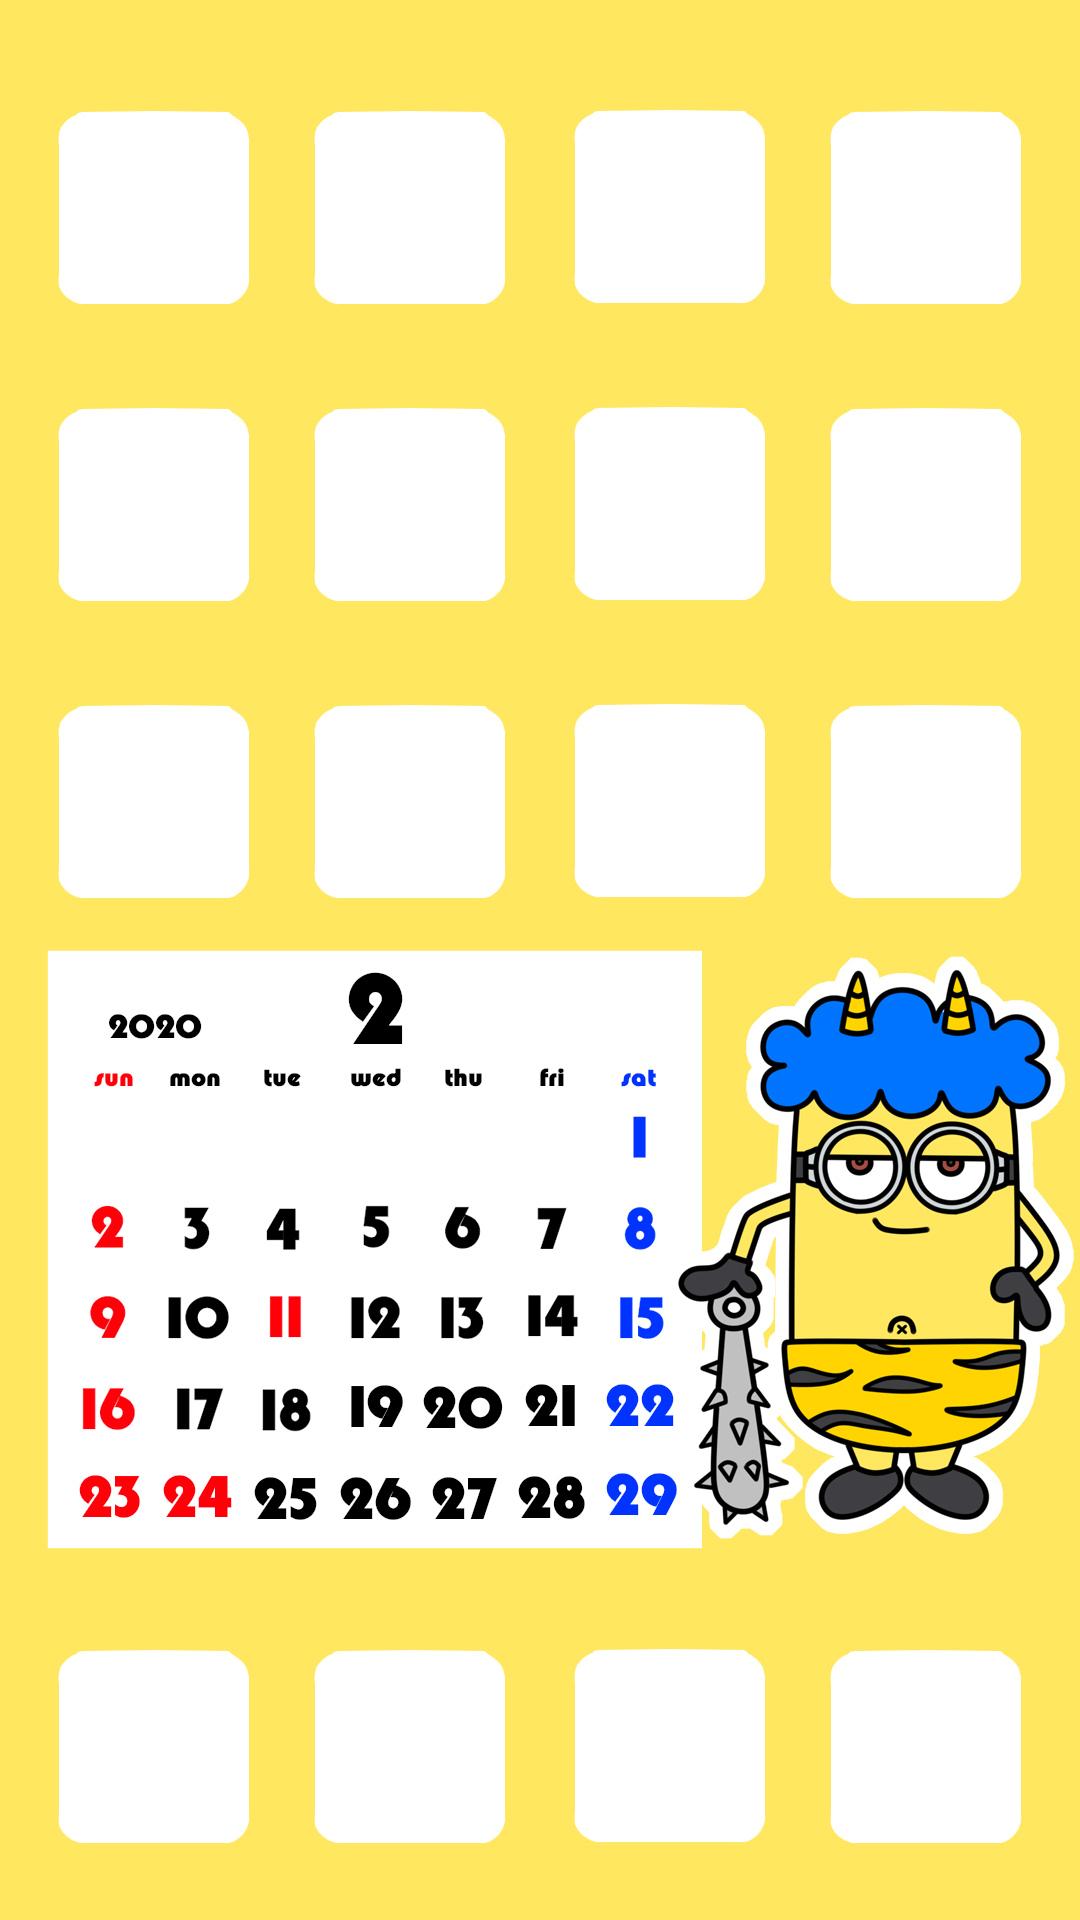 待ち受けカレンダー スマホ壁紙 ミニオンズ iPhone用 日曜始まり 2020年2月